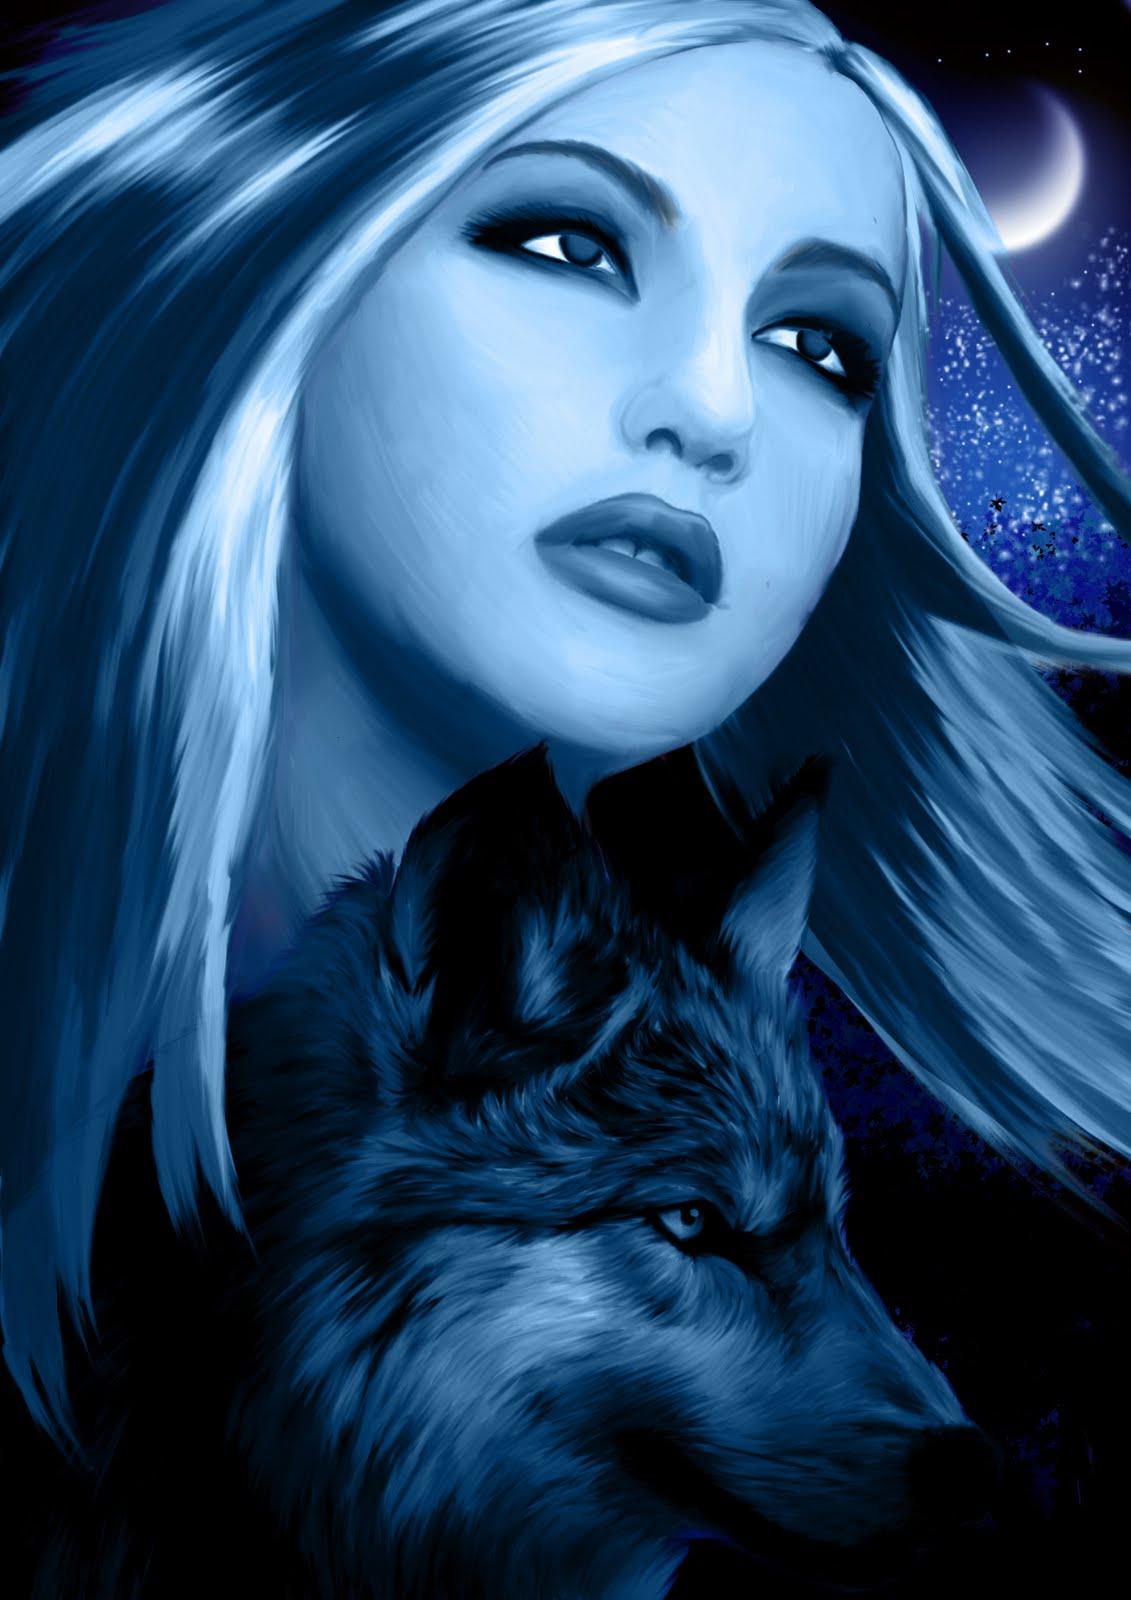 http://4.bp.blogspot.com/_Zk9lz1QNQ0Y/TOHApySxFyI/AAAAAAAAAG8/99jhpRh1n3U/s1600/Femme%2Bloup1.jpg